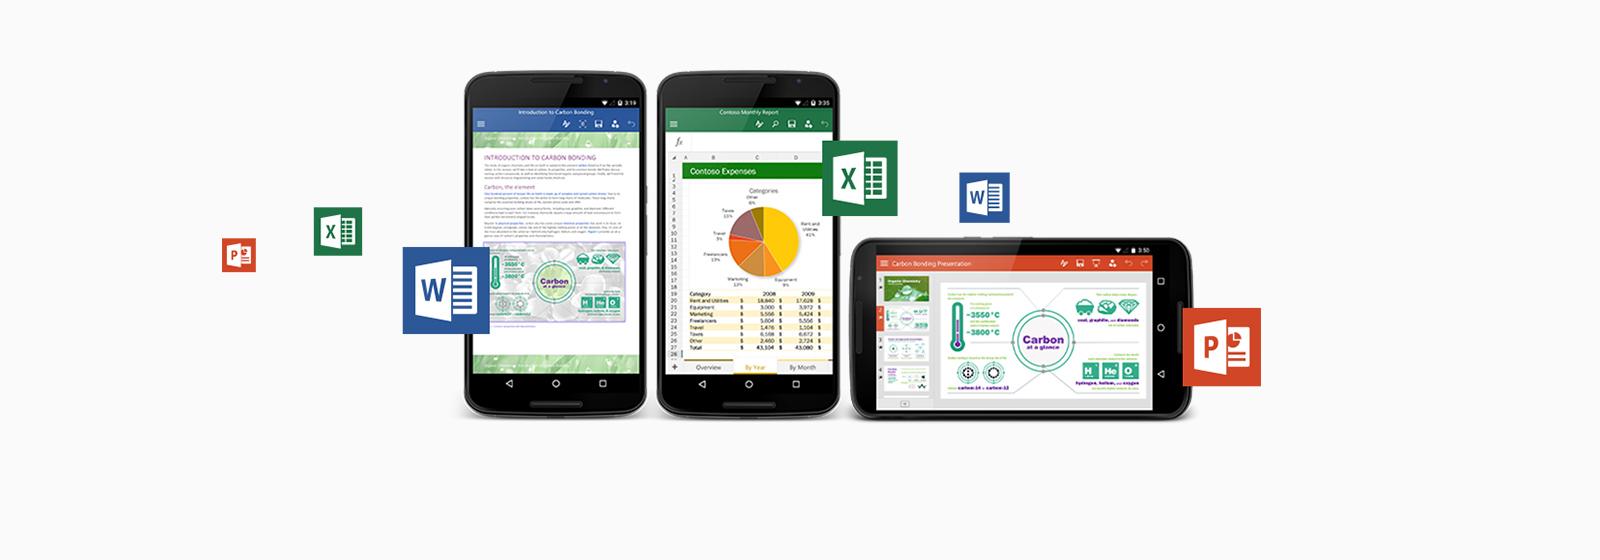 Aflați despre aplicațiile Office gratuite pentru telefonul și tableta dvs. Android.